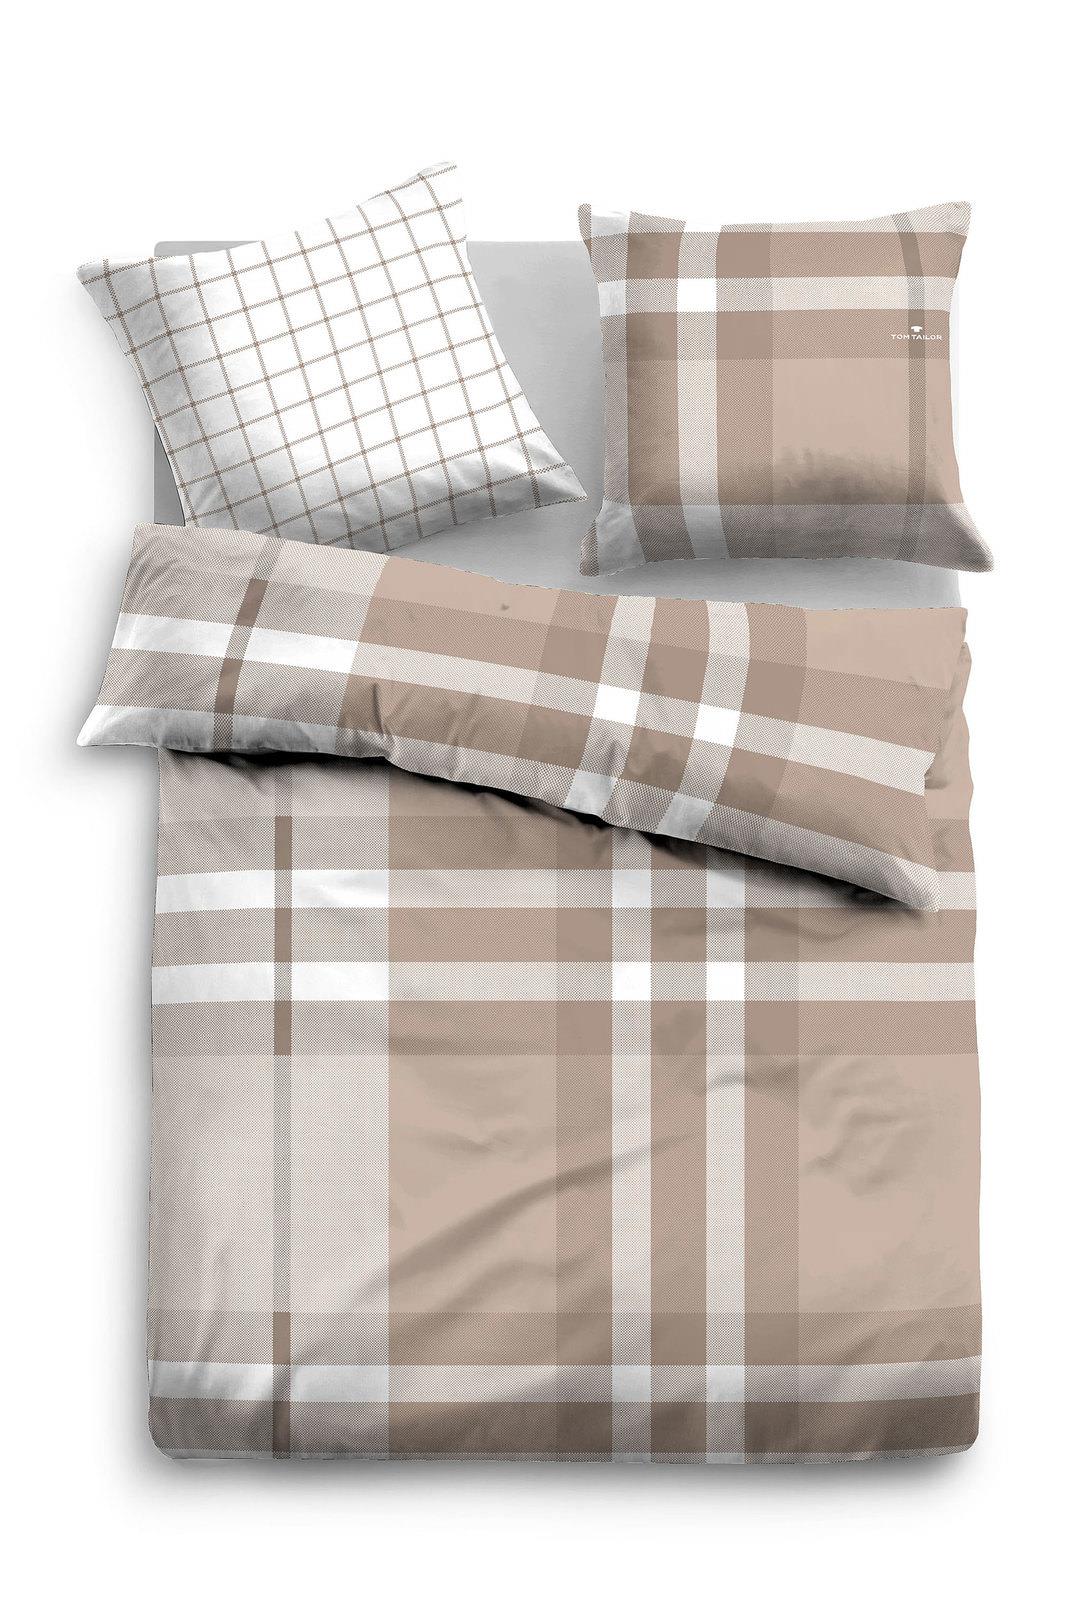 tom tailor satin bettw sche online entdecken schaffrath ihr m belhaus. Black Bedroom Furniture Sets. Home Design Ideas